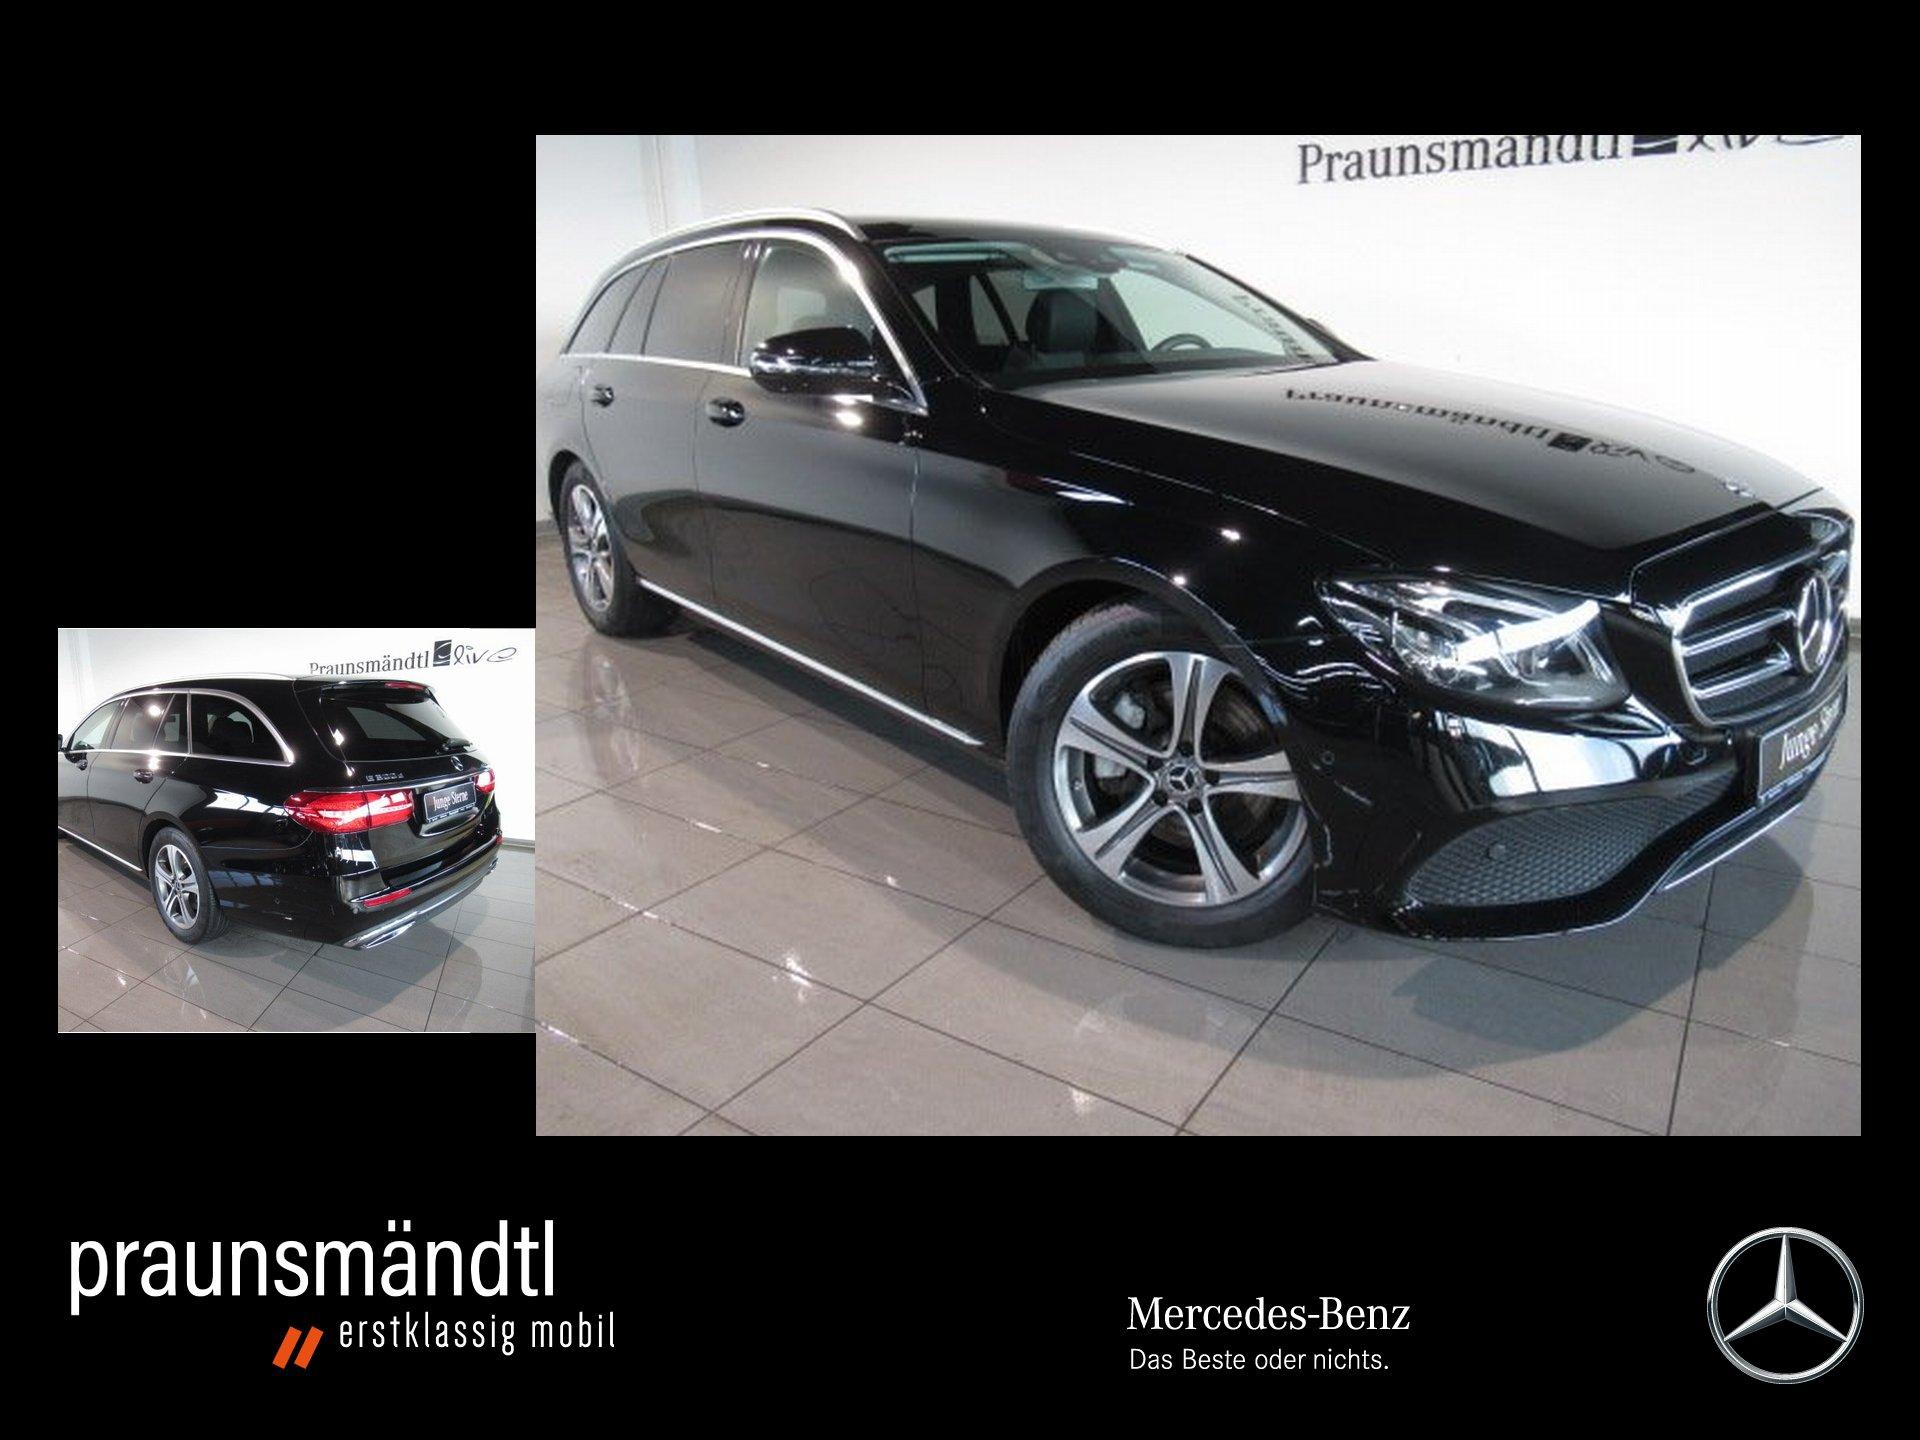 Mercedes-Benz E 300 T d Avantgarde Panorama/Distro/COMAND/Wide, Jahr 2019, Diesel